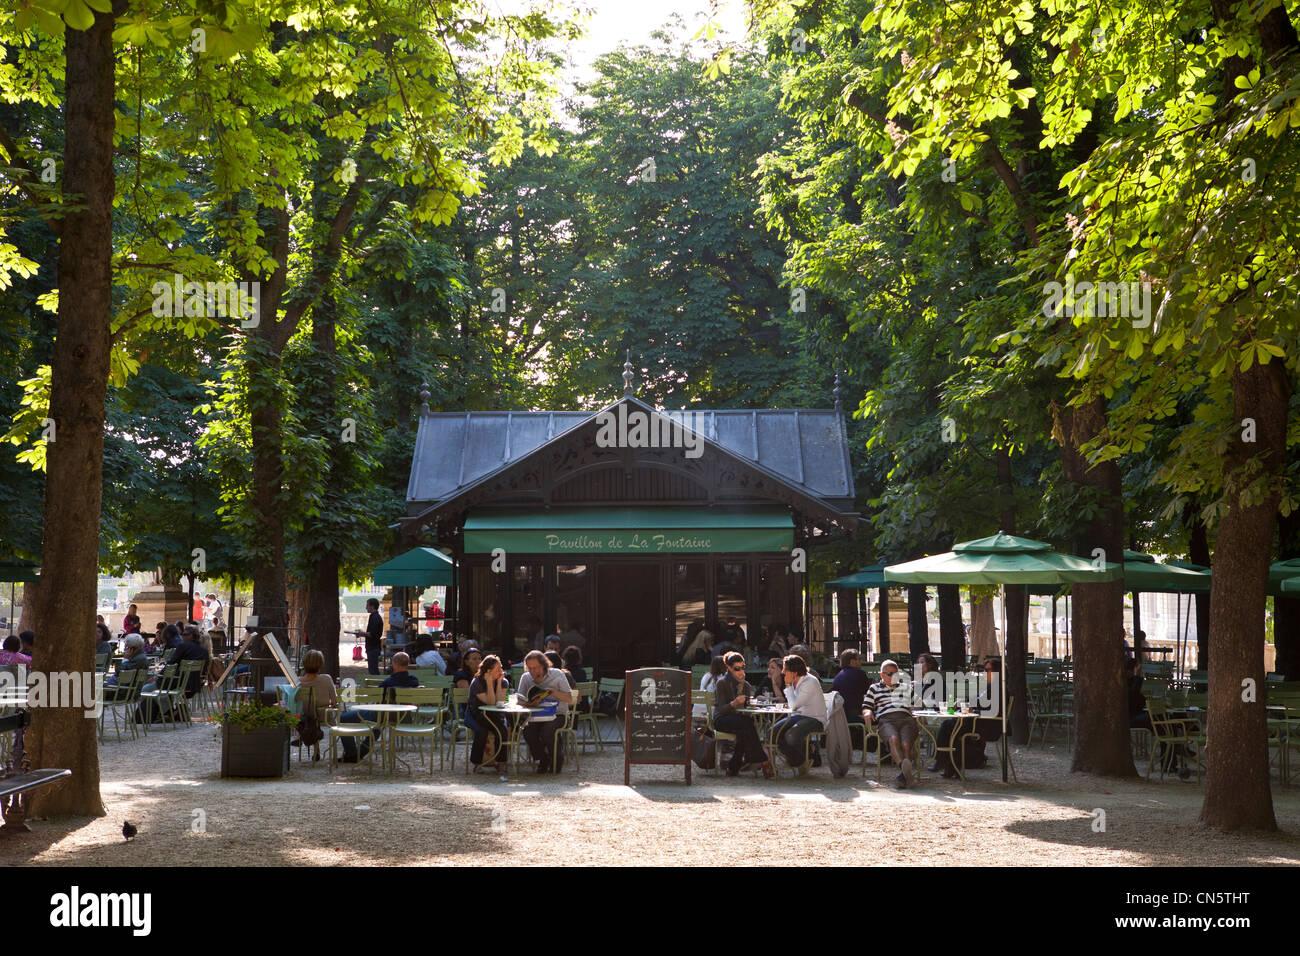 Pavillon Cafe Stockfotos & Pavillon Cafe Bilder - Alamy